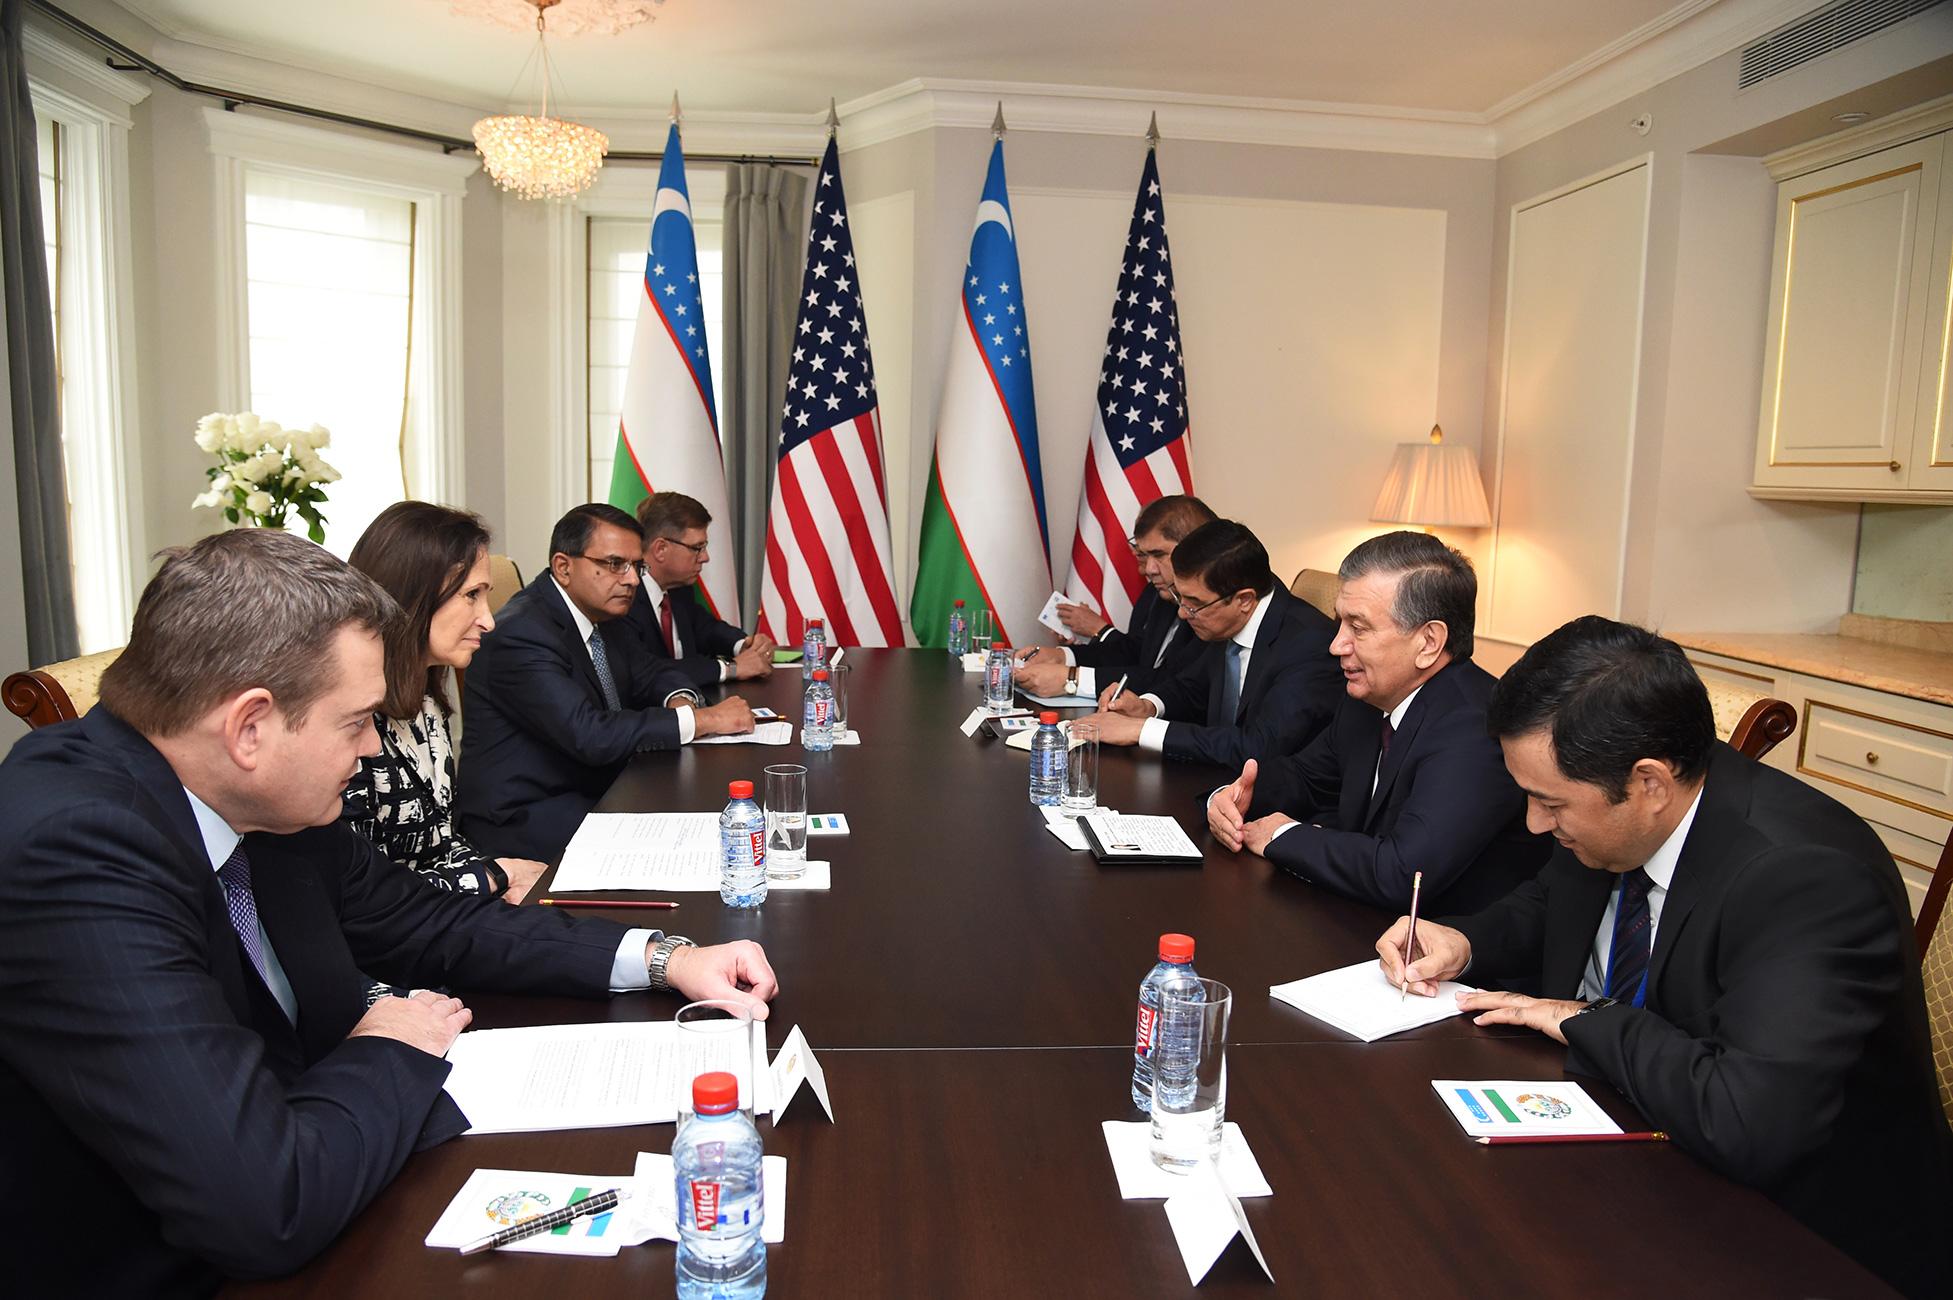 Президент Узбекистана Шавкат Мирзиёев (второй справа) 19 сентября в Нью-Йорке общается с американскими бизнес-лидерами на тему заключения возможных контрактов. [Пресс-служба президента Узбекистана]